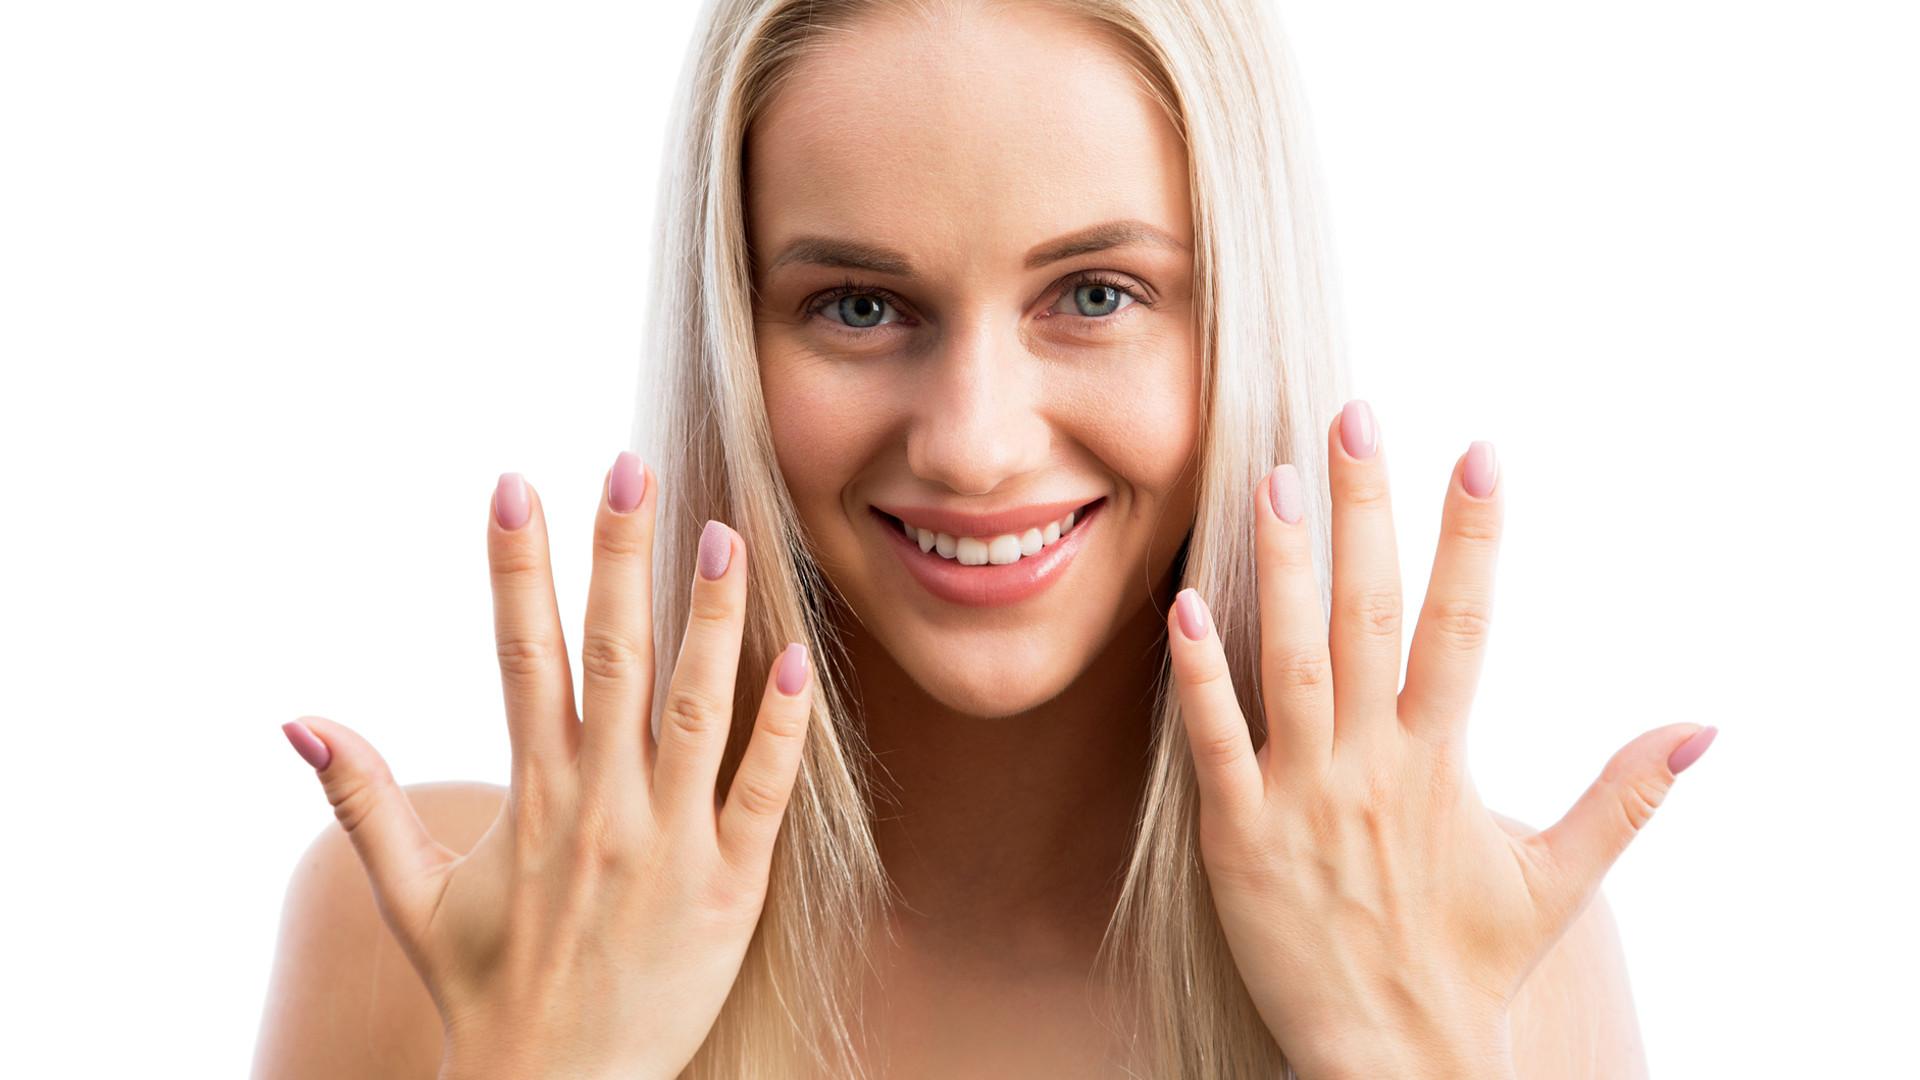 Nowa moda? Tak paskudnego manicure jeszcze nie widzieliście! (FOTO)